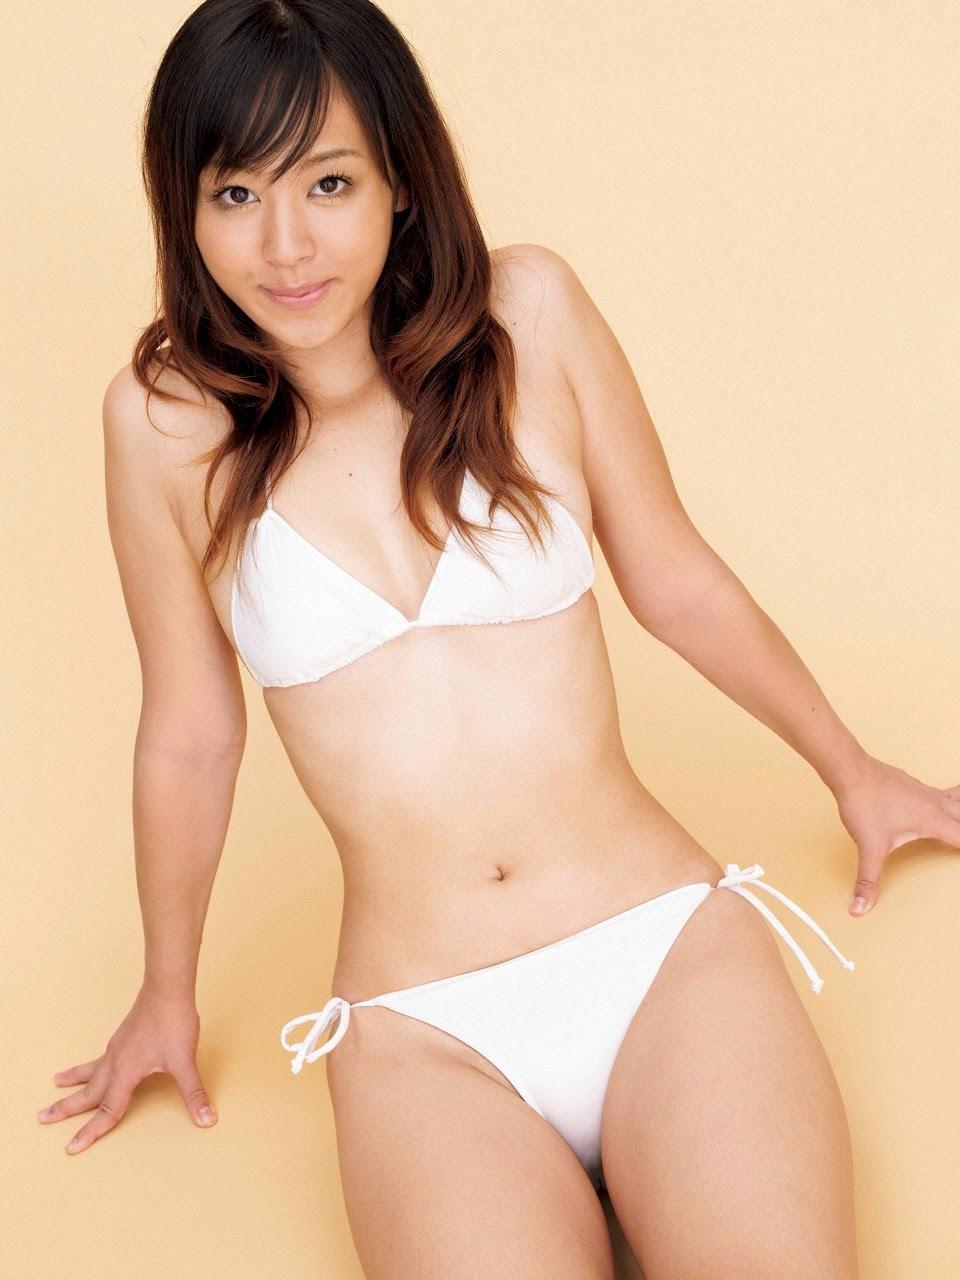 Bikini princessyr022